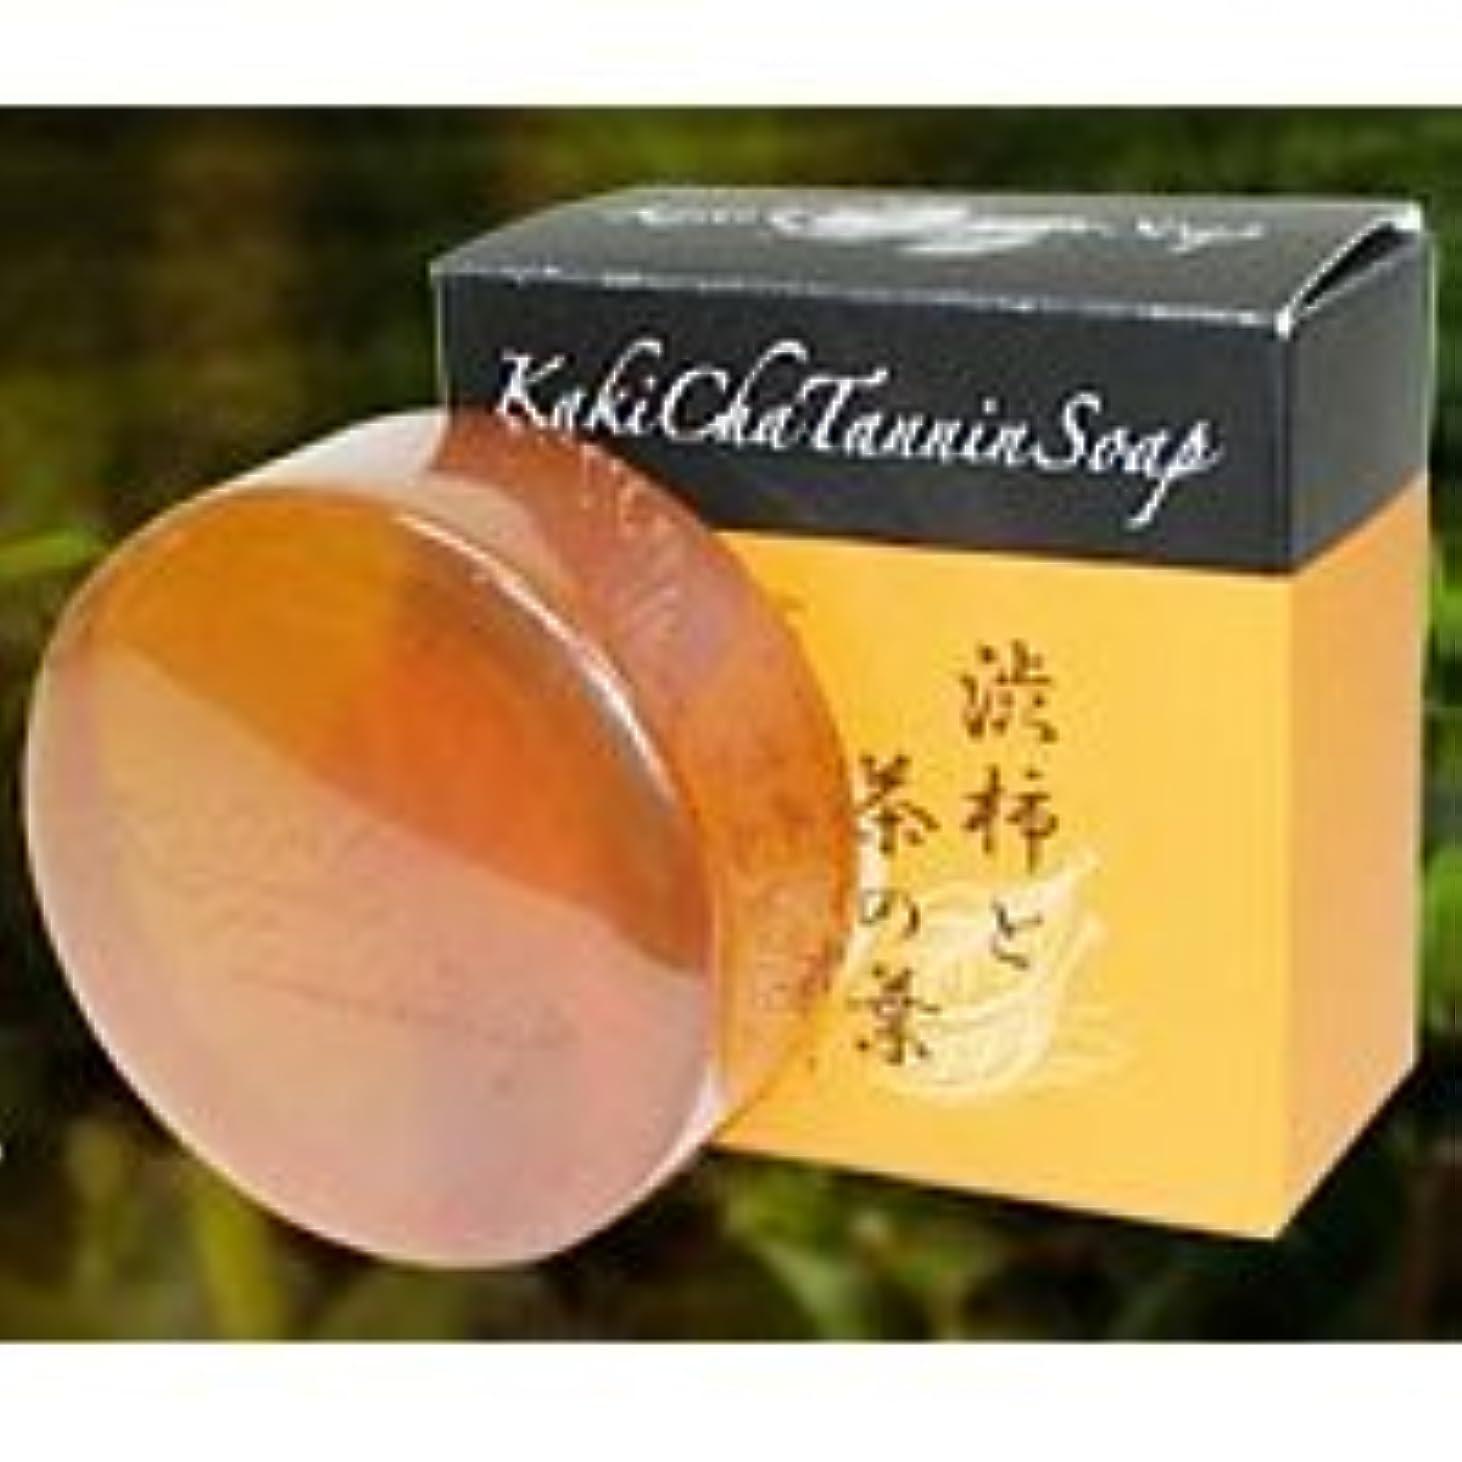 うなり声調整するレオナルドダカキチャタンニンソープ 安心の日本製 カキチャタンニンソープ (マイルドクリアソープ) カキチャ タンニンソープ 柿渋ソープ